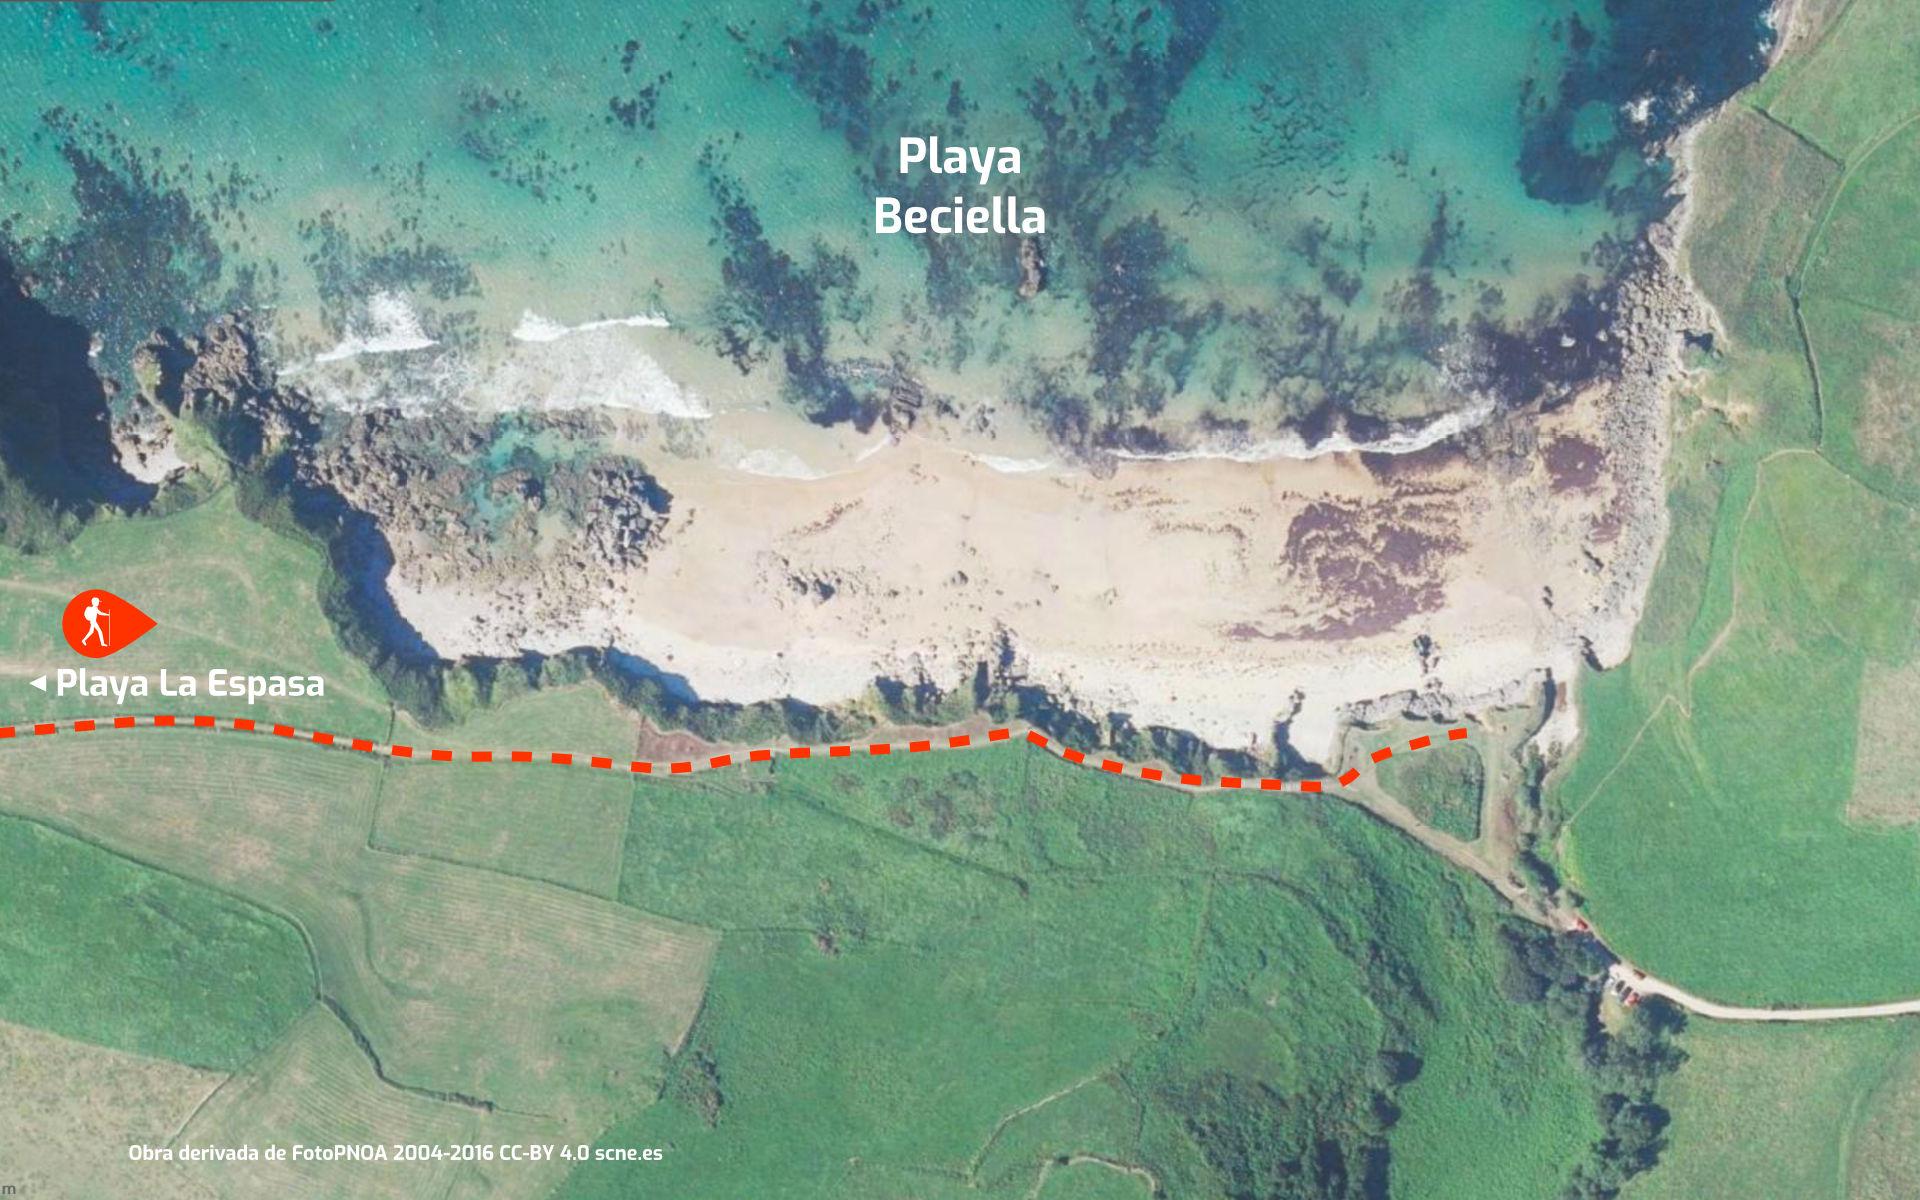 Mapa de cómo llegar a la Playa de La Beciella en Caravia, Asturias.